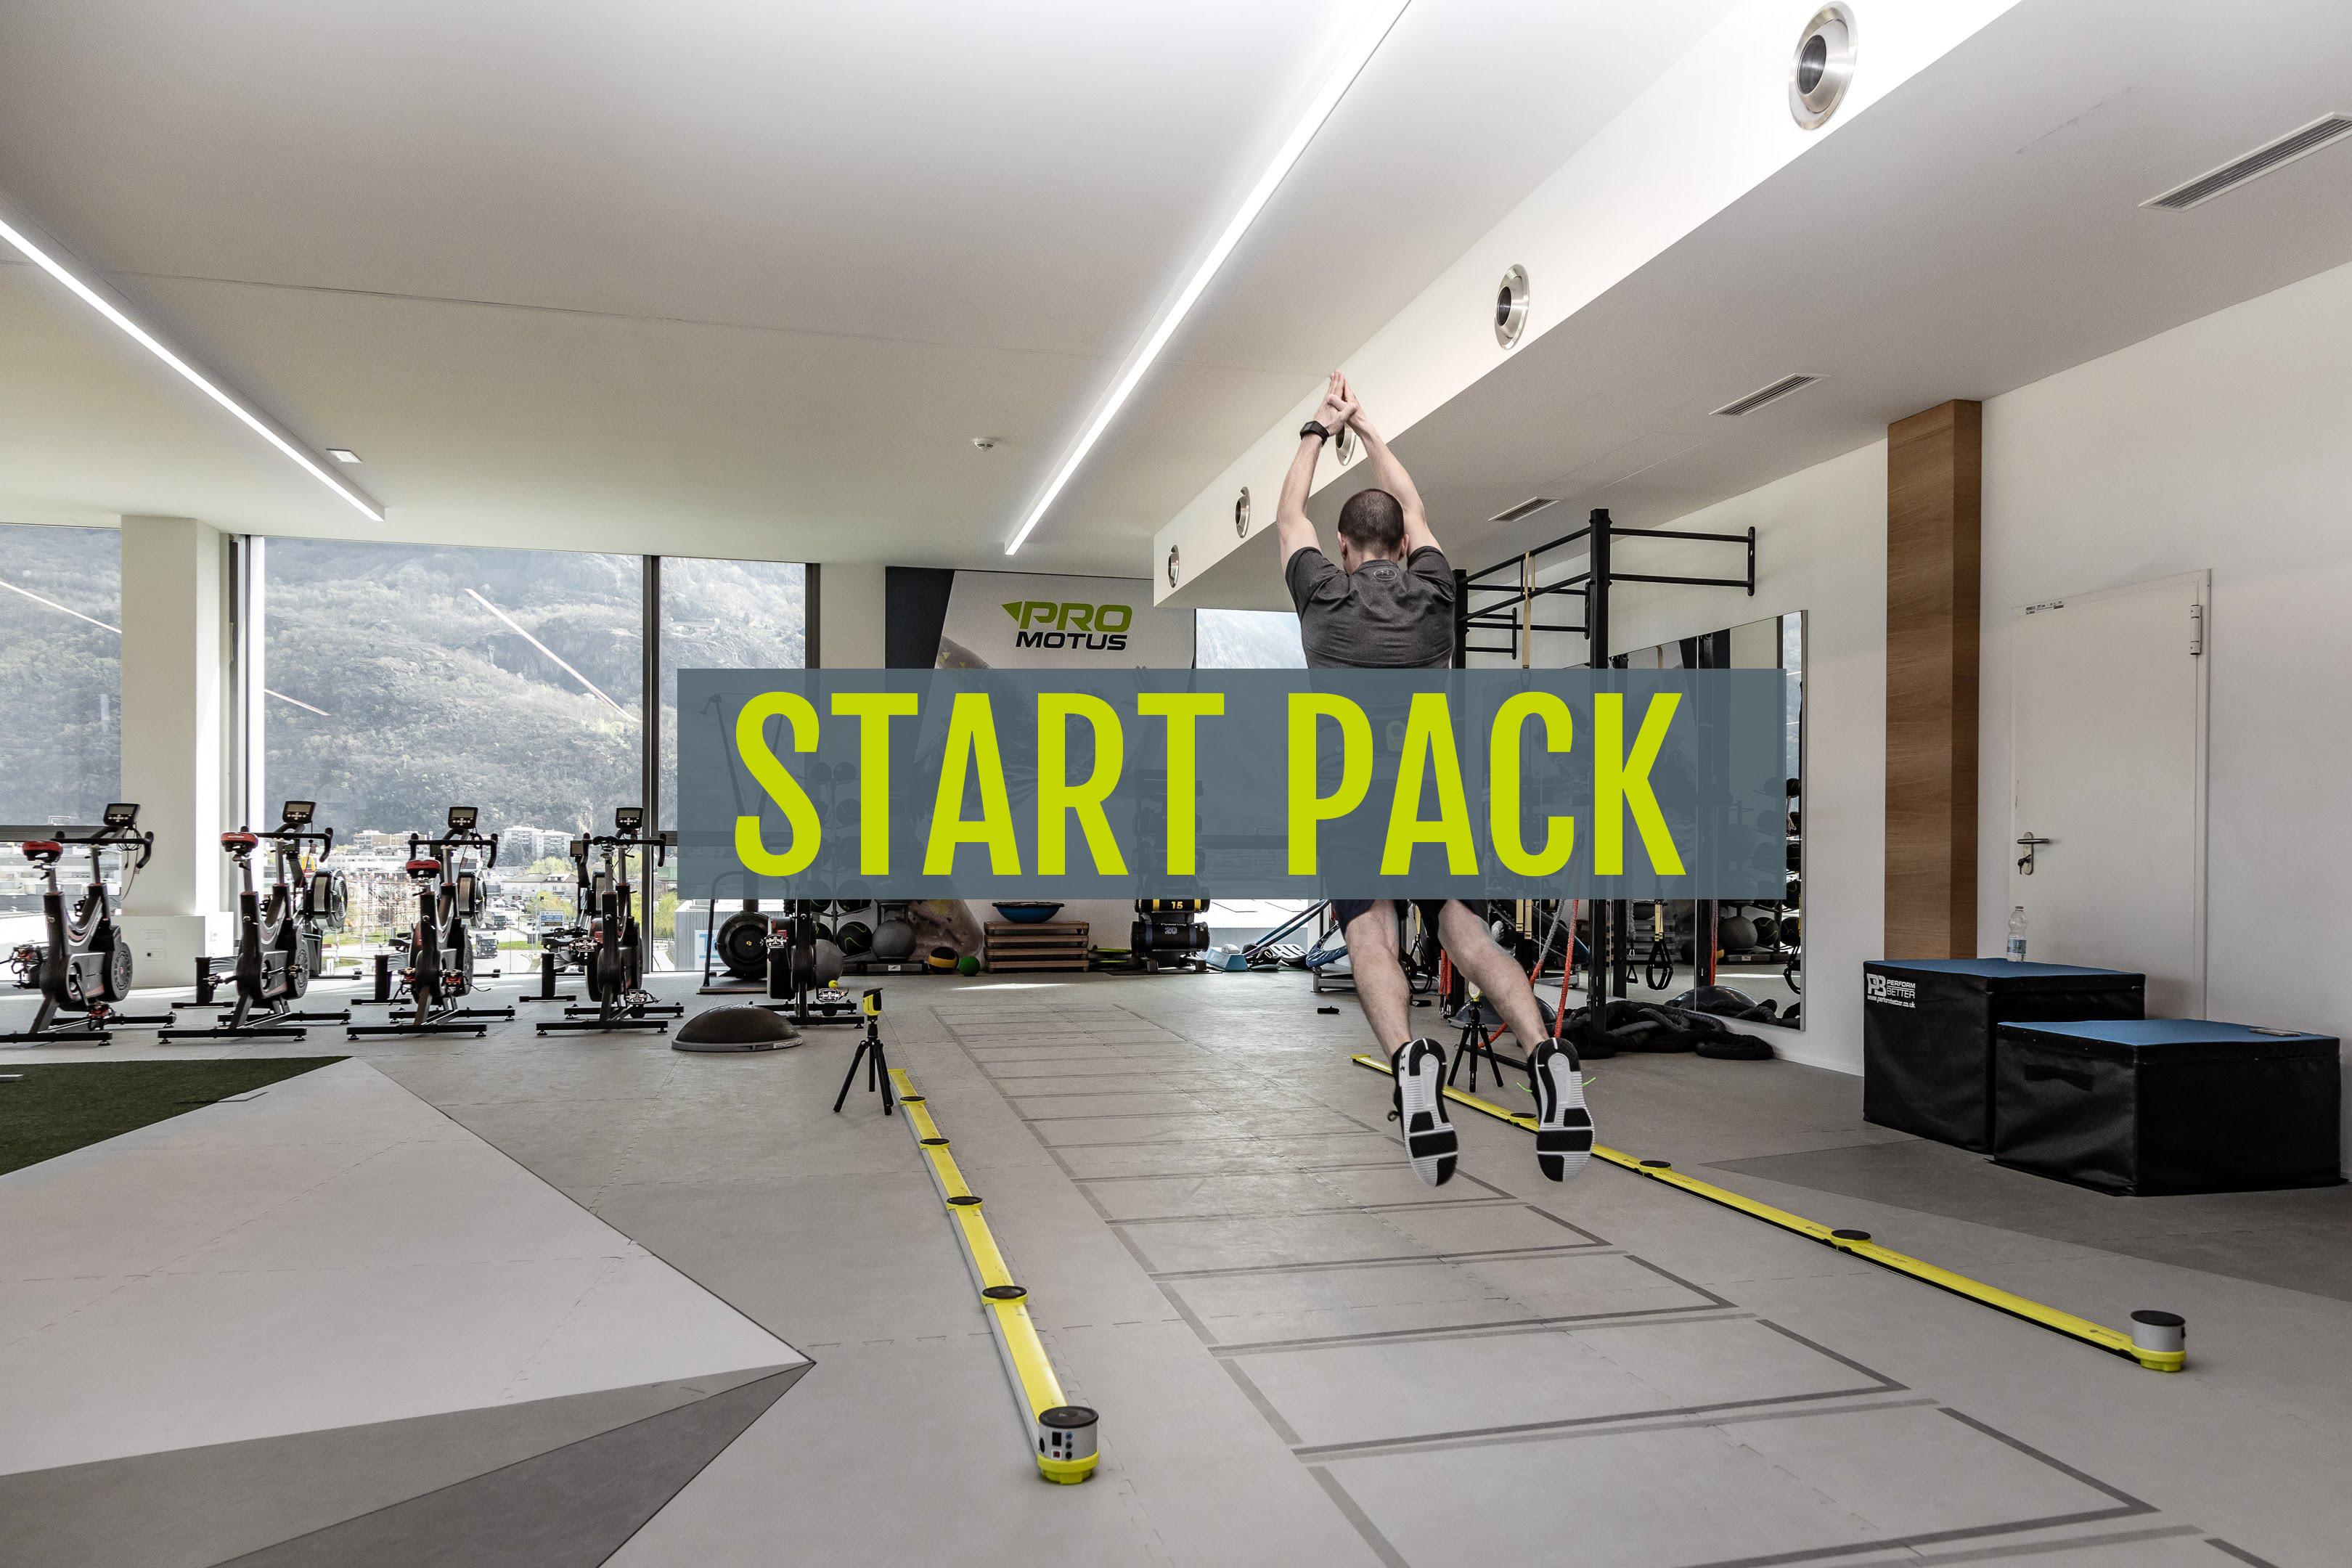 Ski - Start Pack